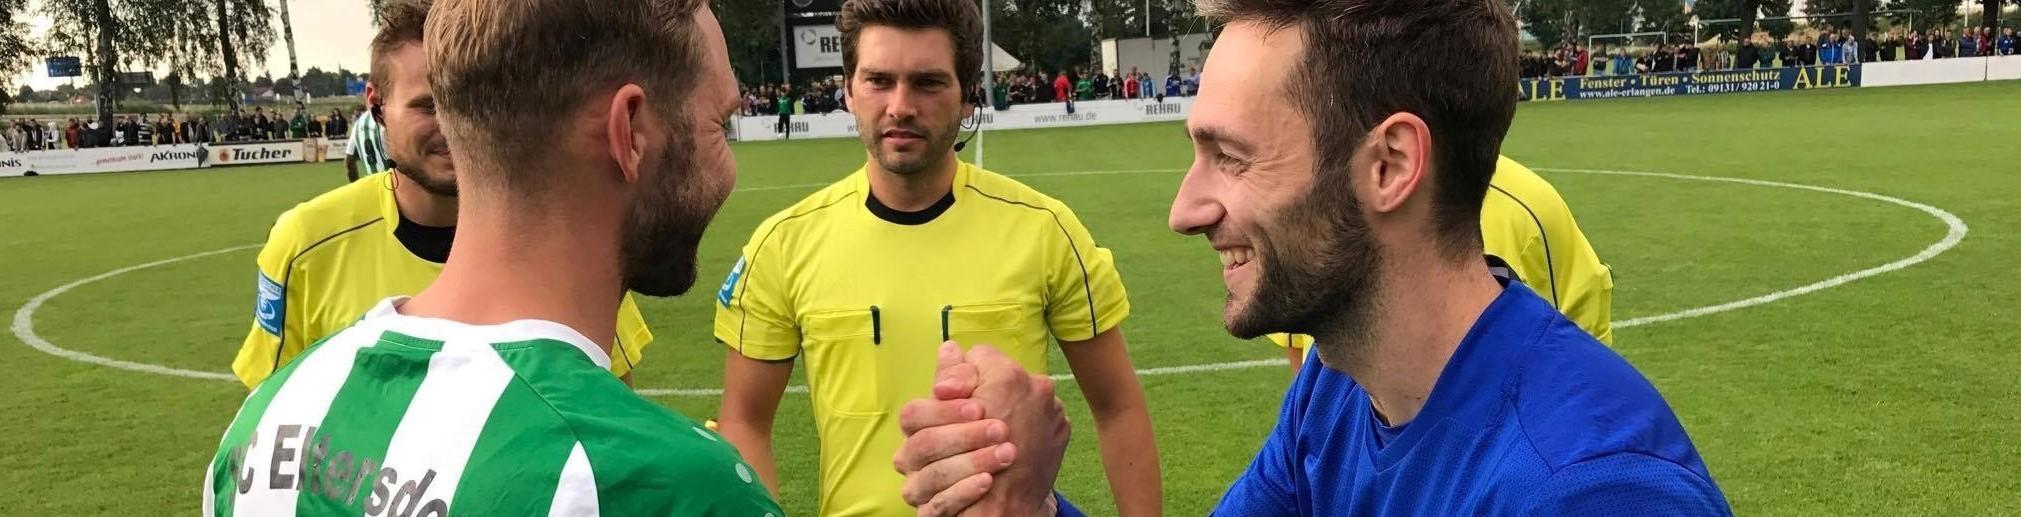 wireless-referee-headset